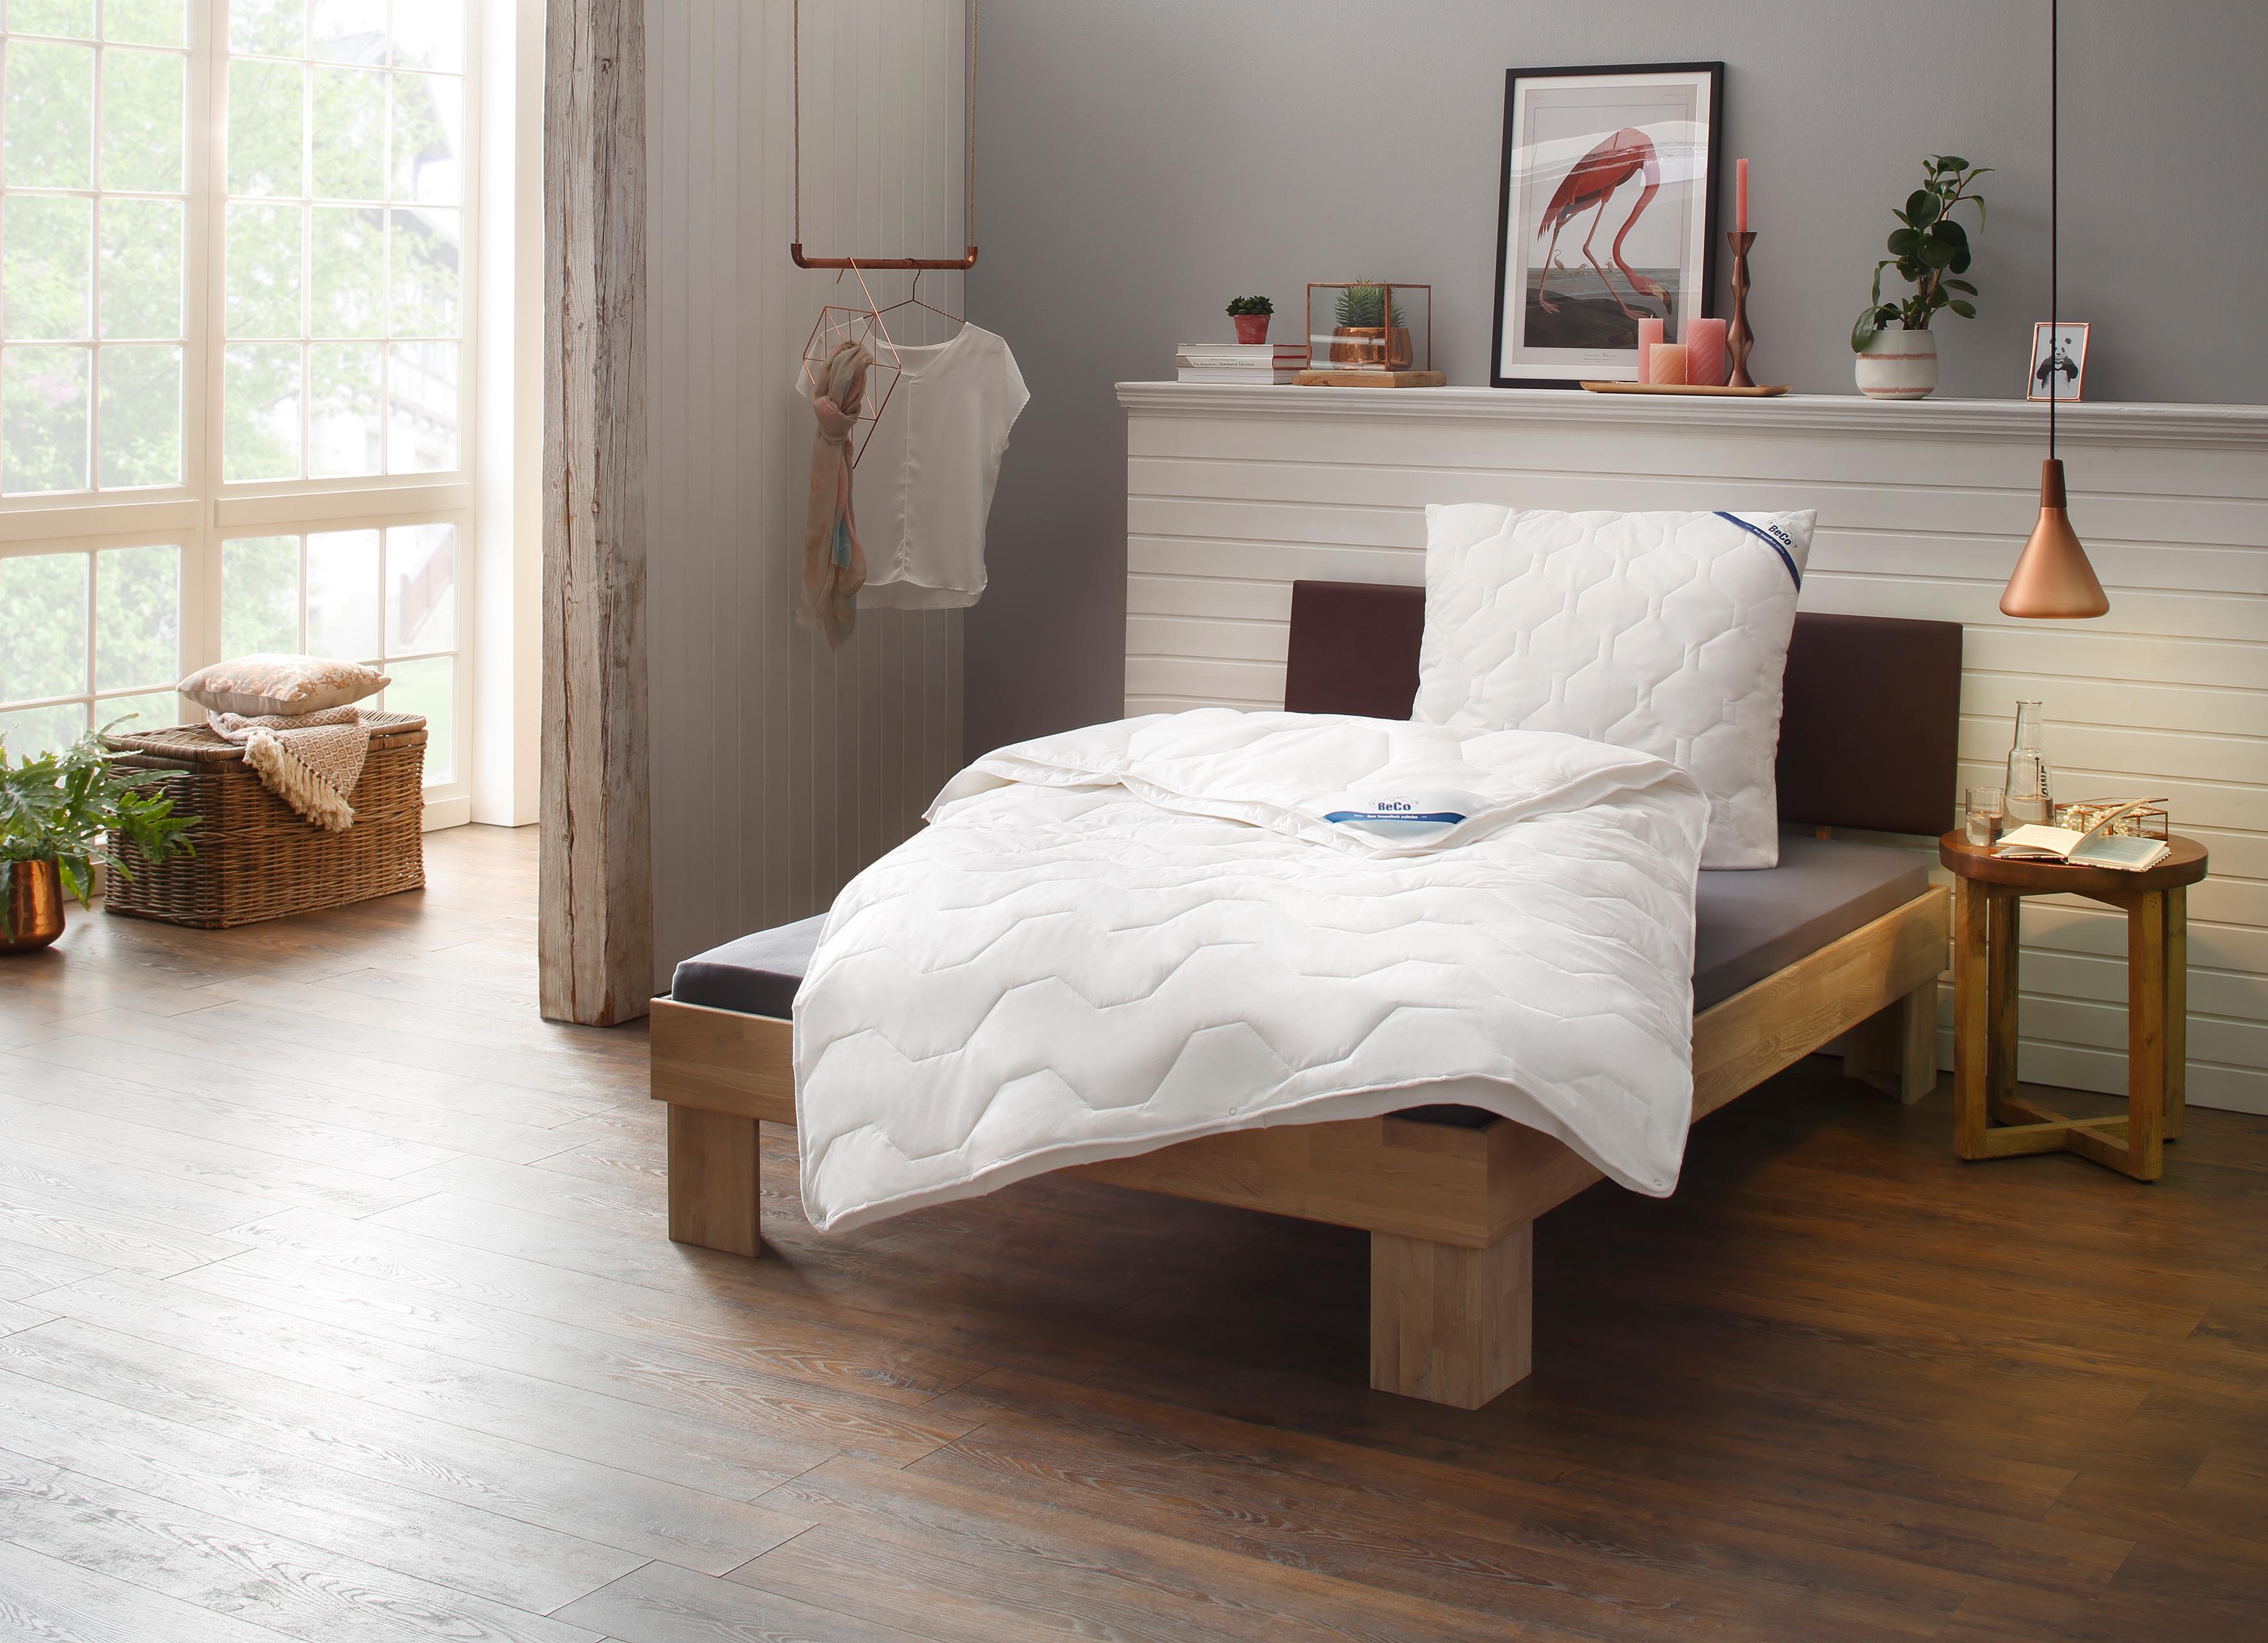 4-Jahreszeitenbett + Kunstfaserkissen, »Tencel Soft«, BeCo, 4-Jahreszeiten, Perfekte Klimatisierung dank Tencel®